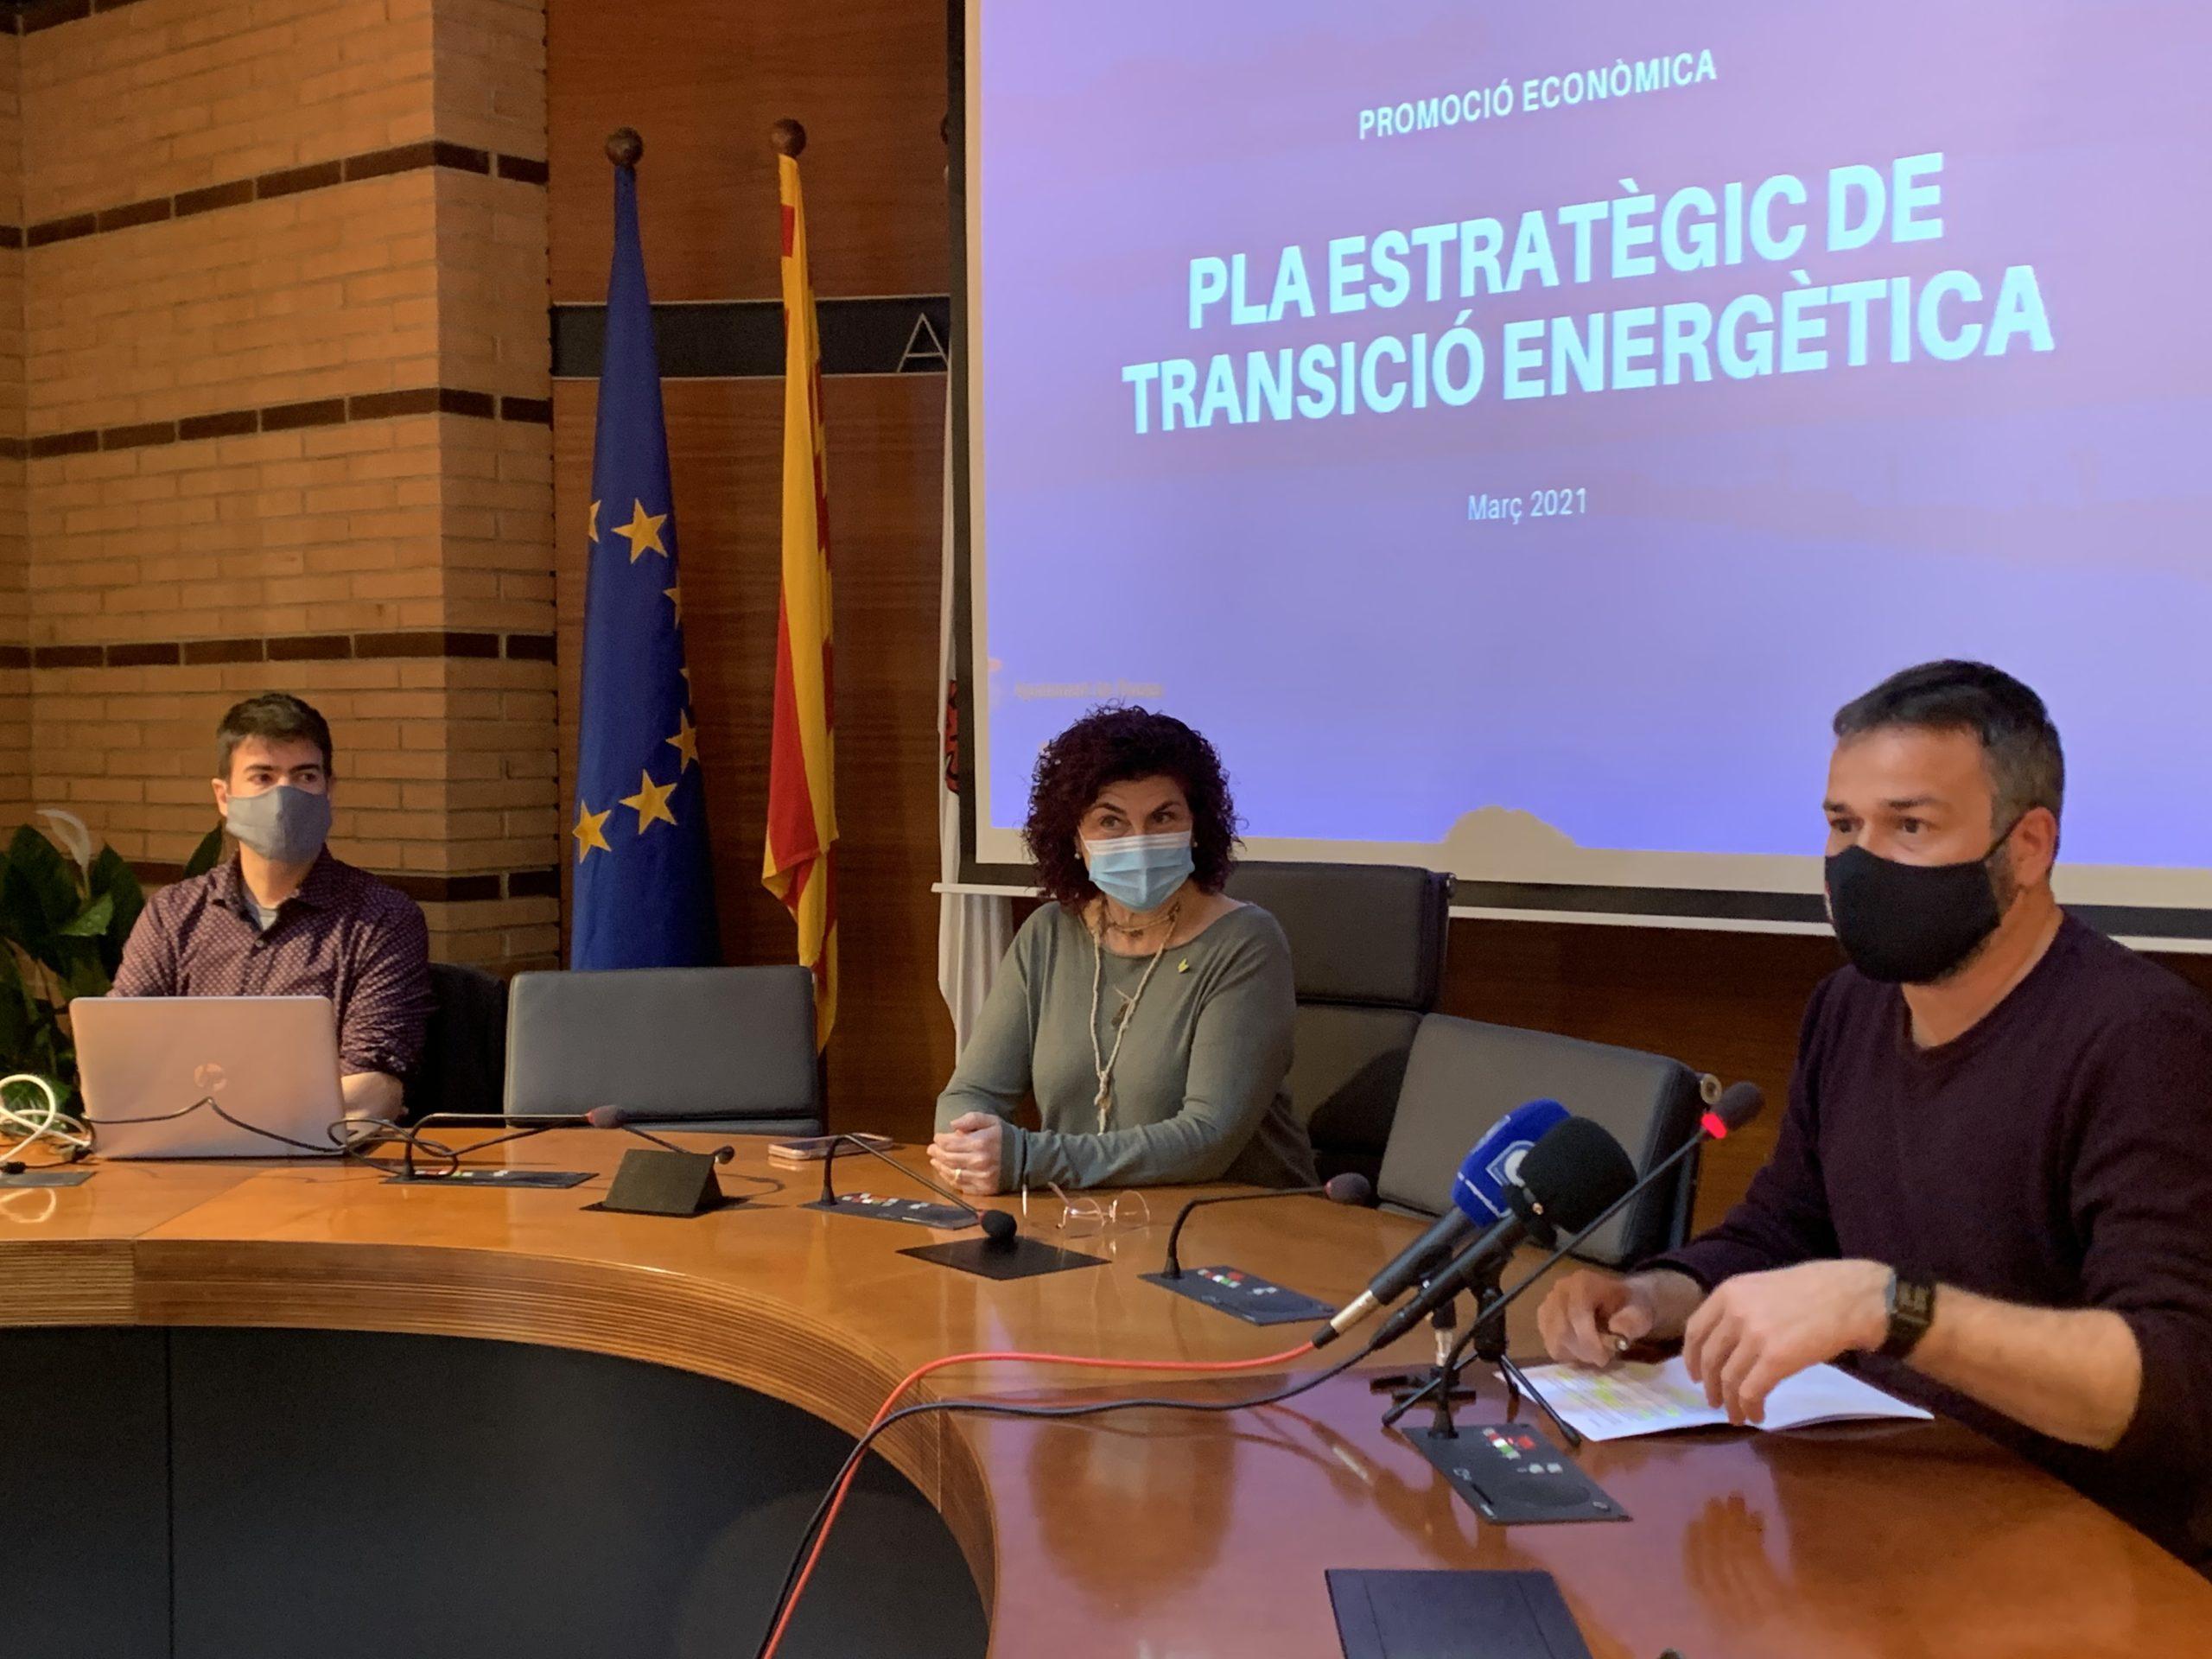 El Pla per a la transició energètica de Roses inclou 46 projectes per lluitar contra el canvi climàtic i reactivar l'economia